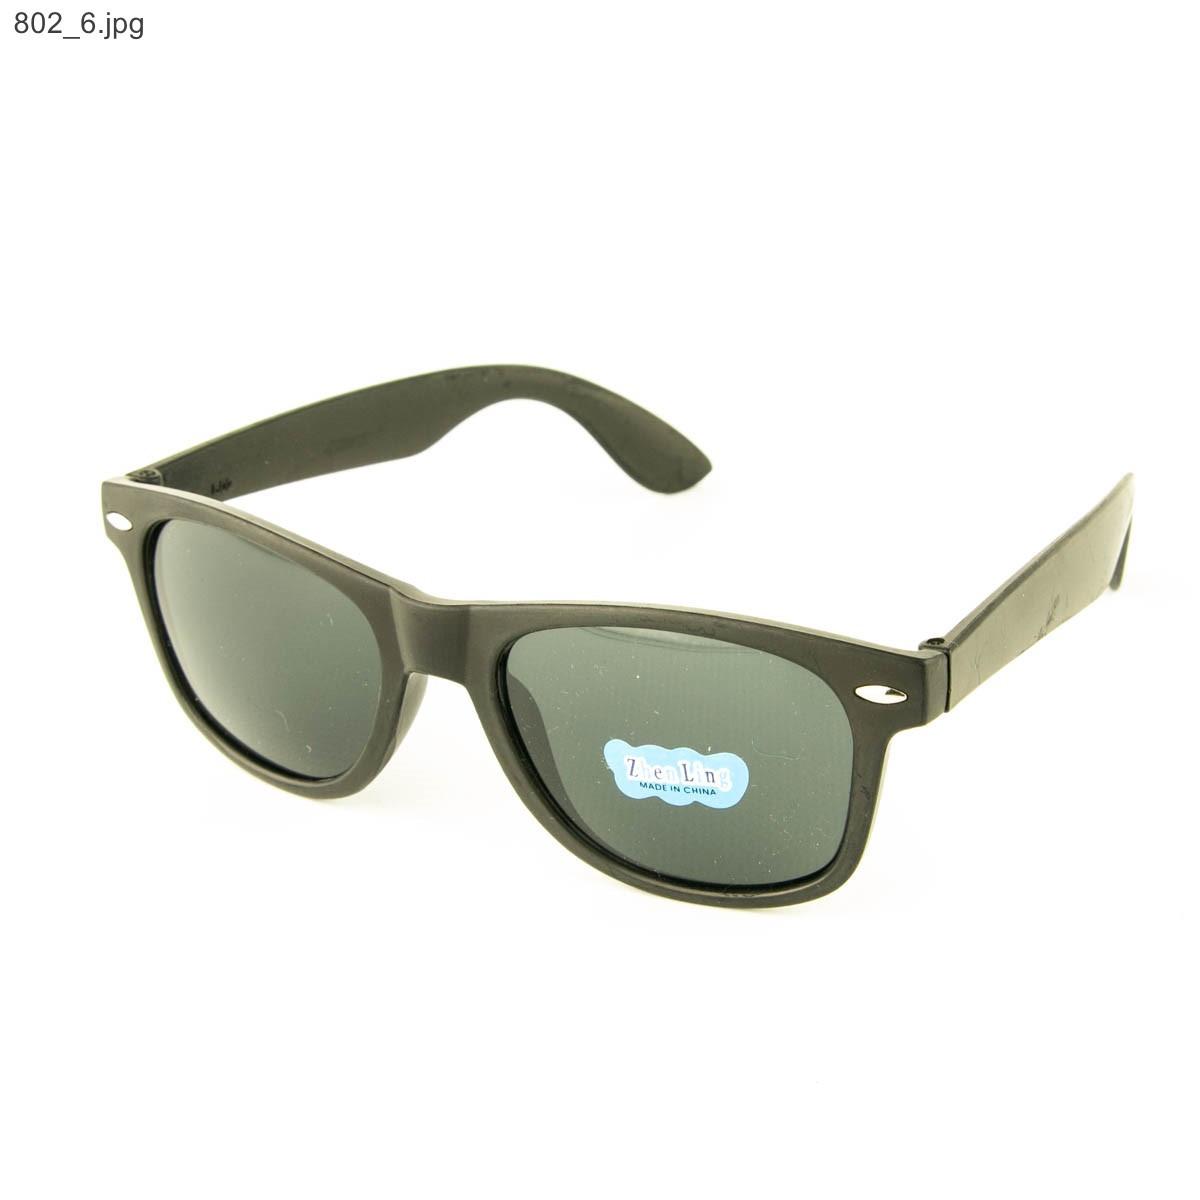 Солнцезащитные очки Wayfarer - Черные - 802